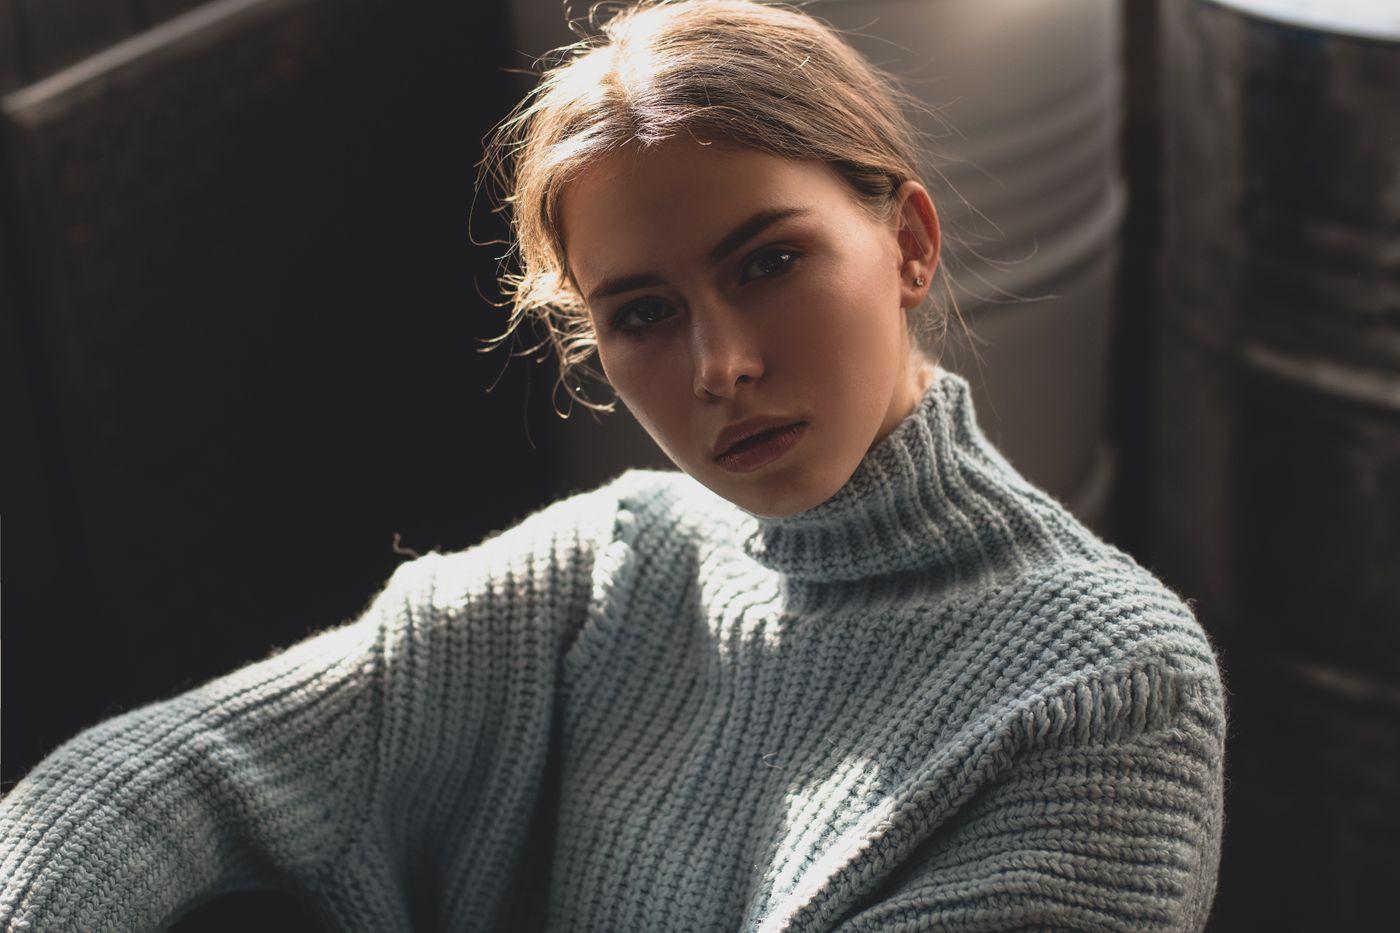 Sweter świąteczny dla niej i dla niego - gdzie kupić?